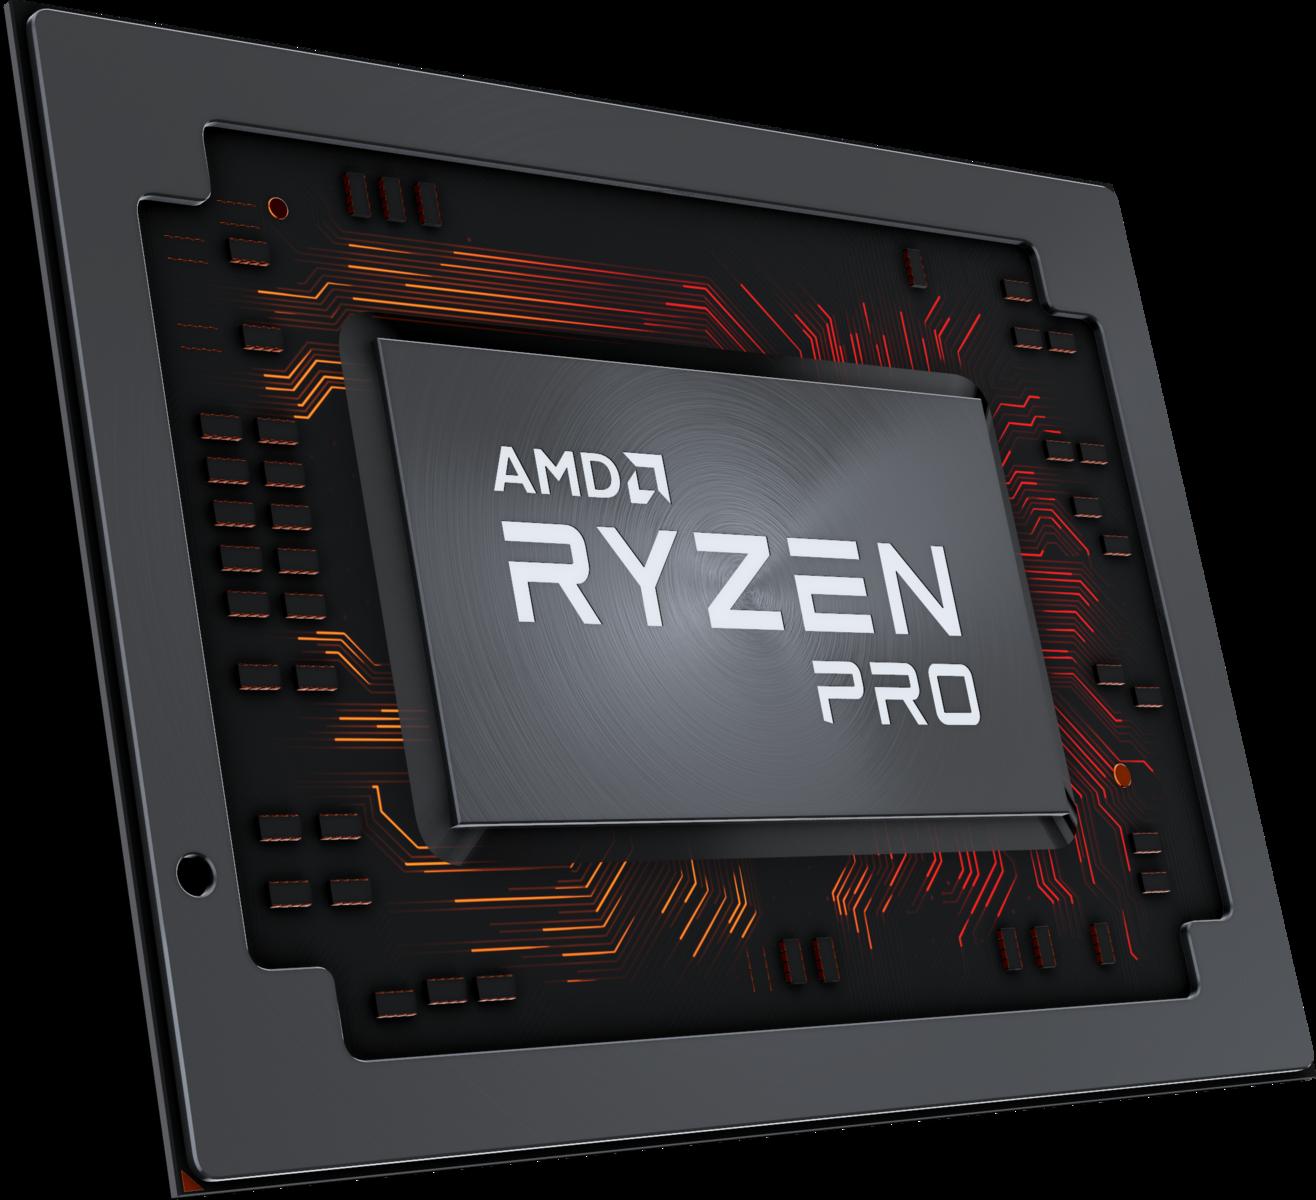 AMD Announces New Ryzen Pro Mobile APUs